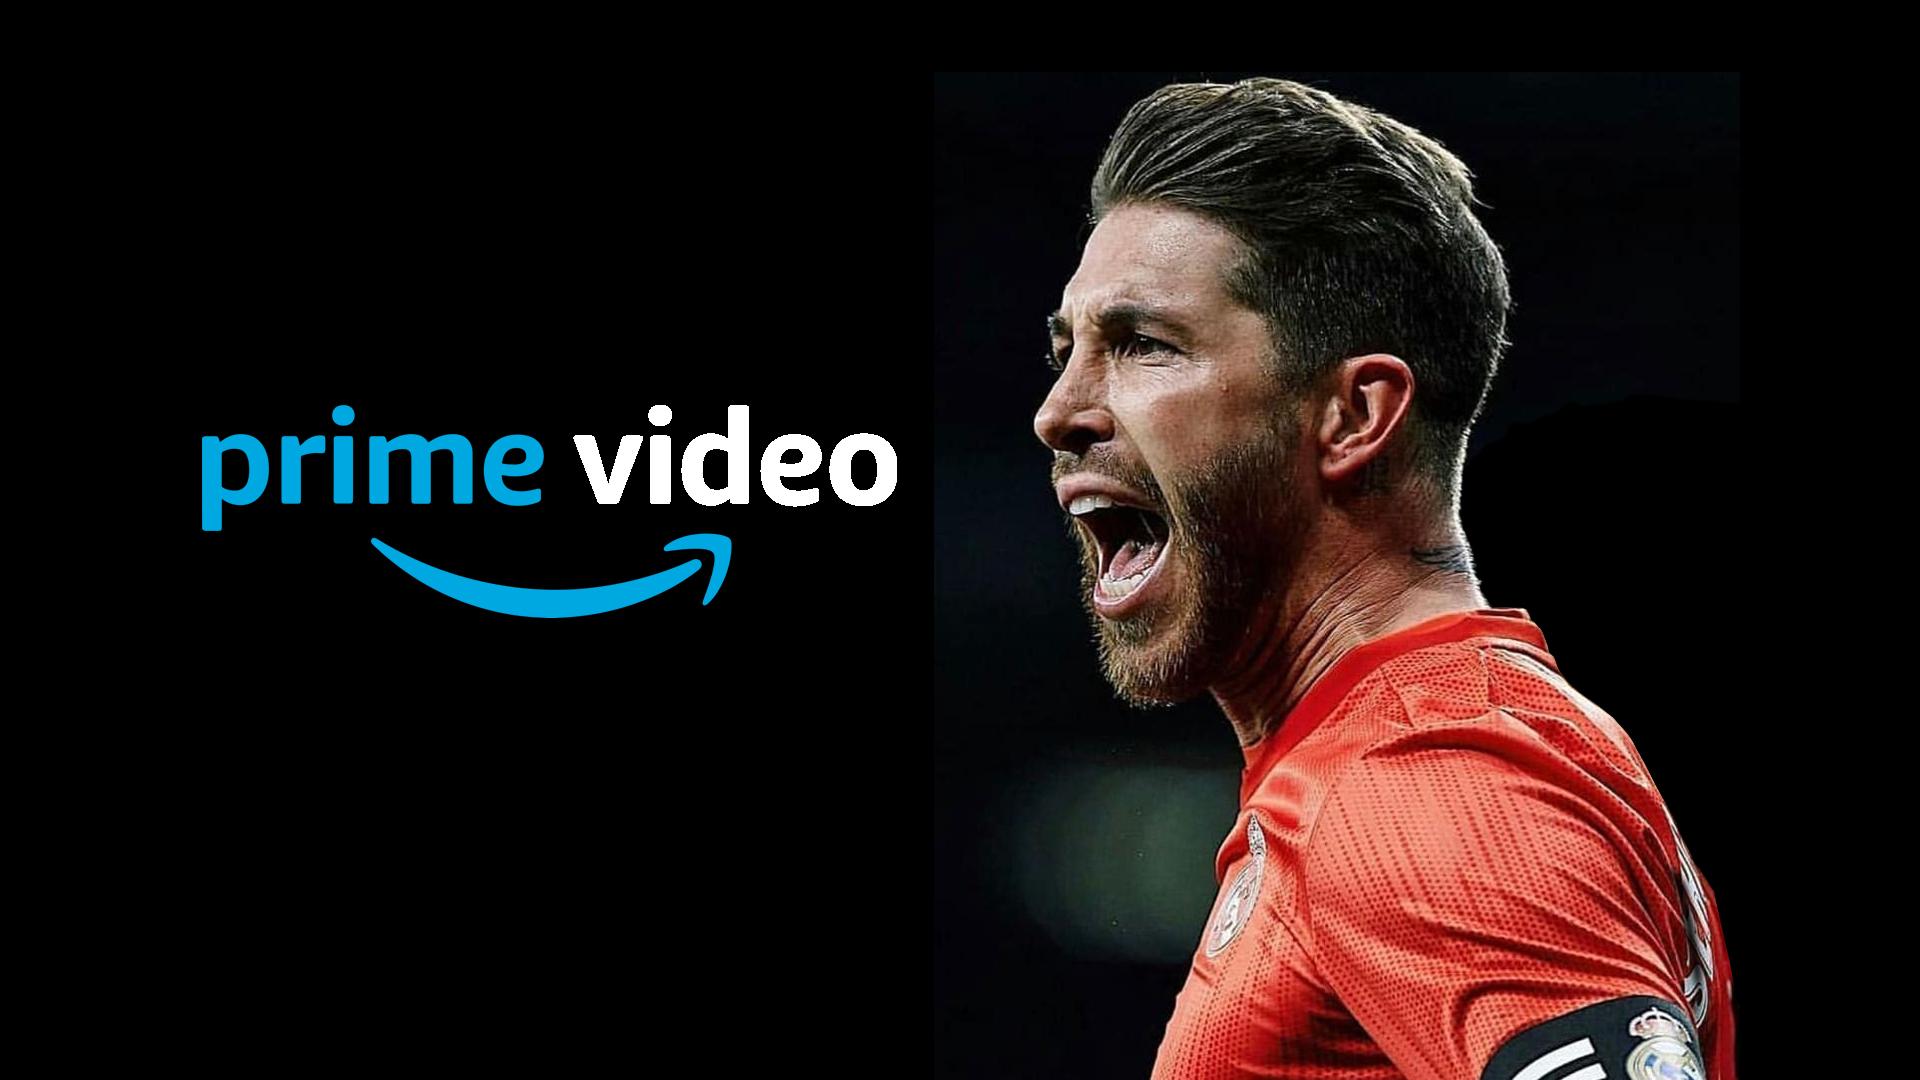 Prime Video prepara actualización de su aplicación, ya disponible para Insiders